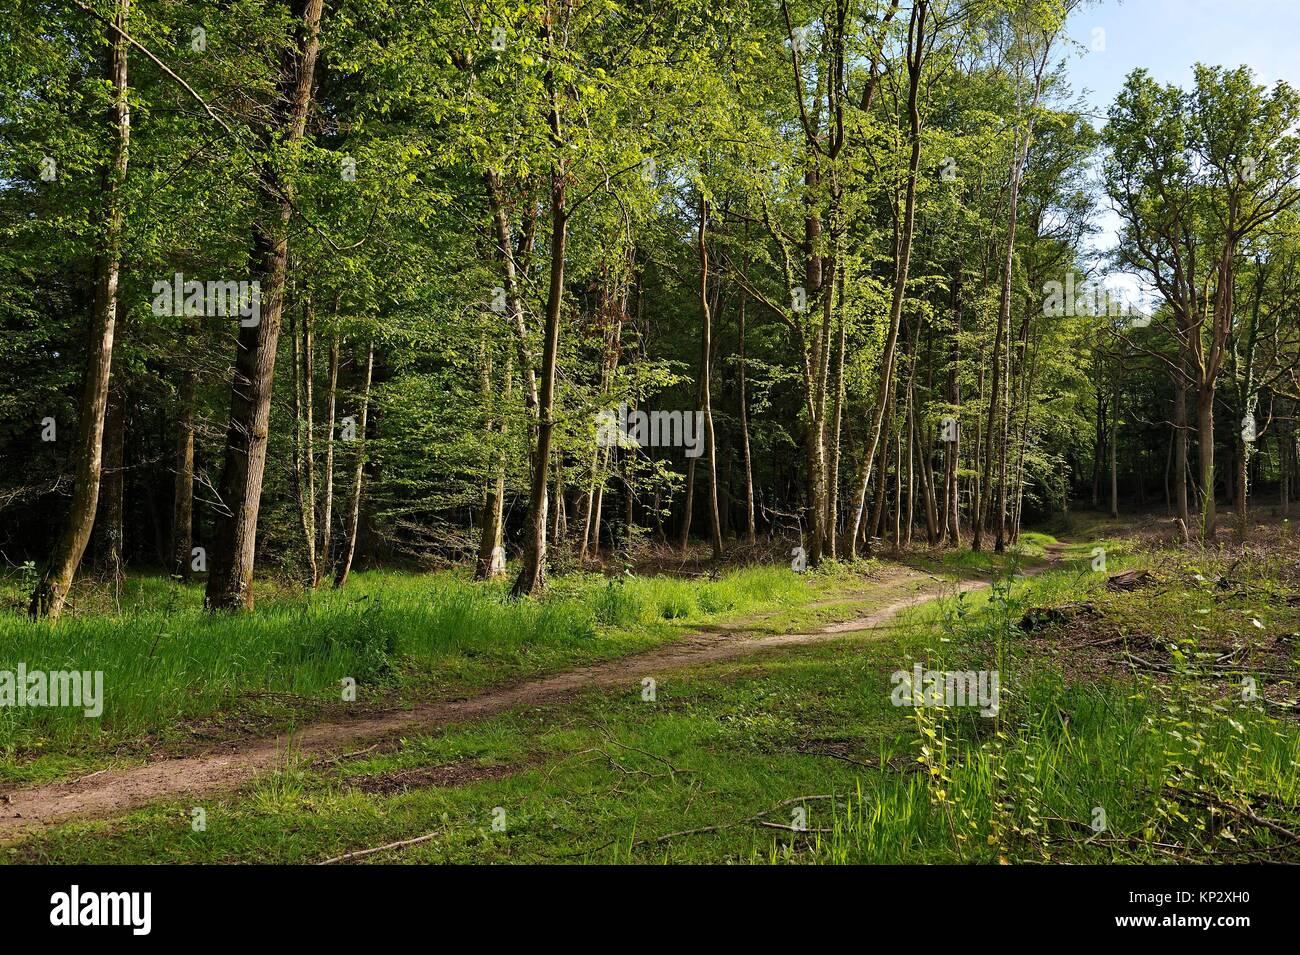 Parc de rambouillet stock photos parc de rambouillet for Parc naturel yvelines